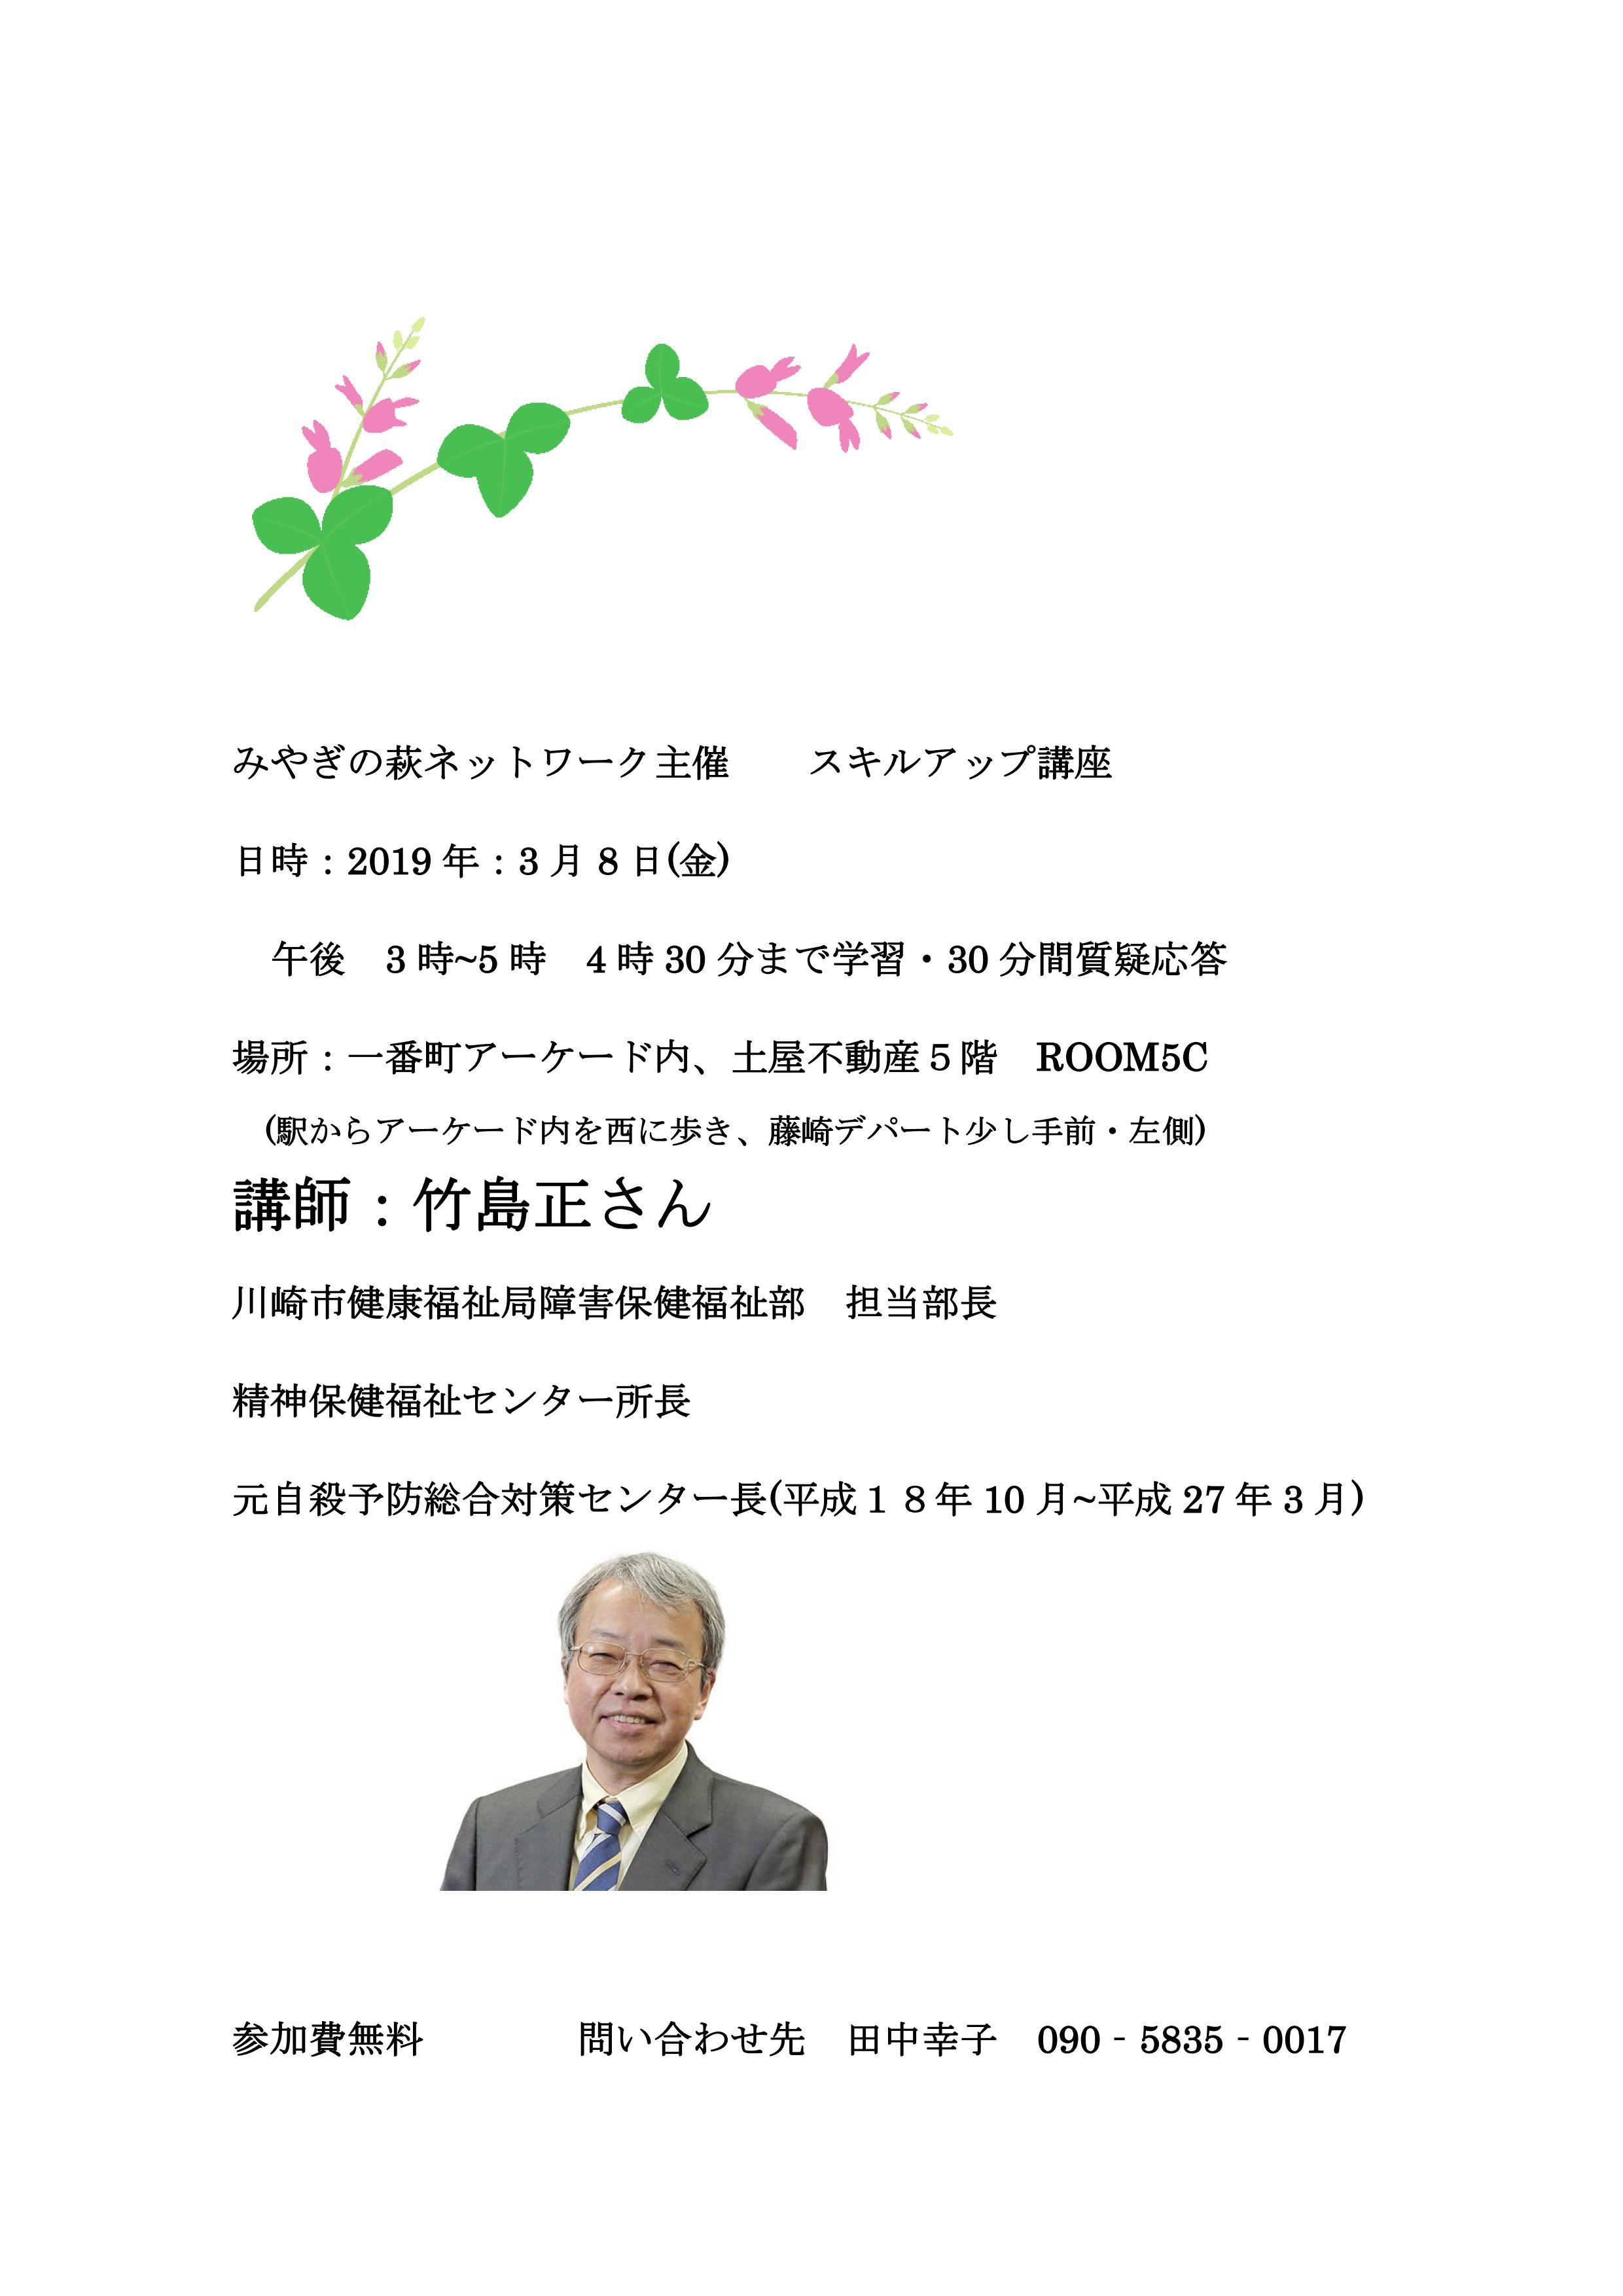 【竹島加筆】みやぎの萩ネットワーク県外講師による研修会 (1)_01